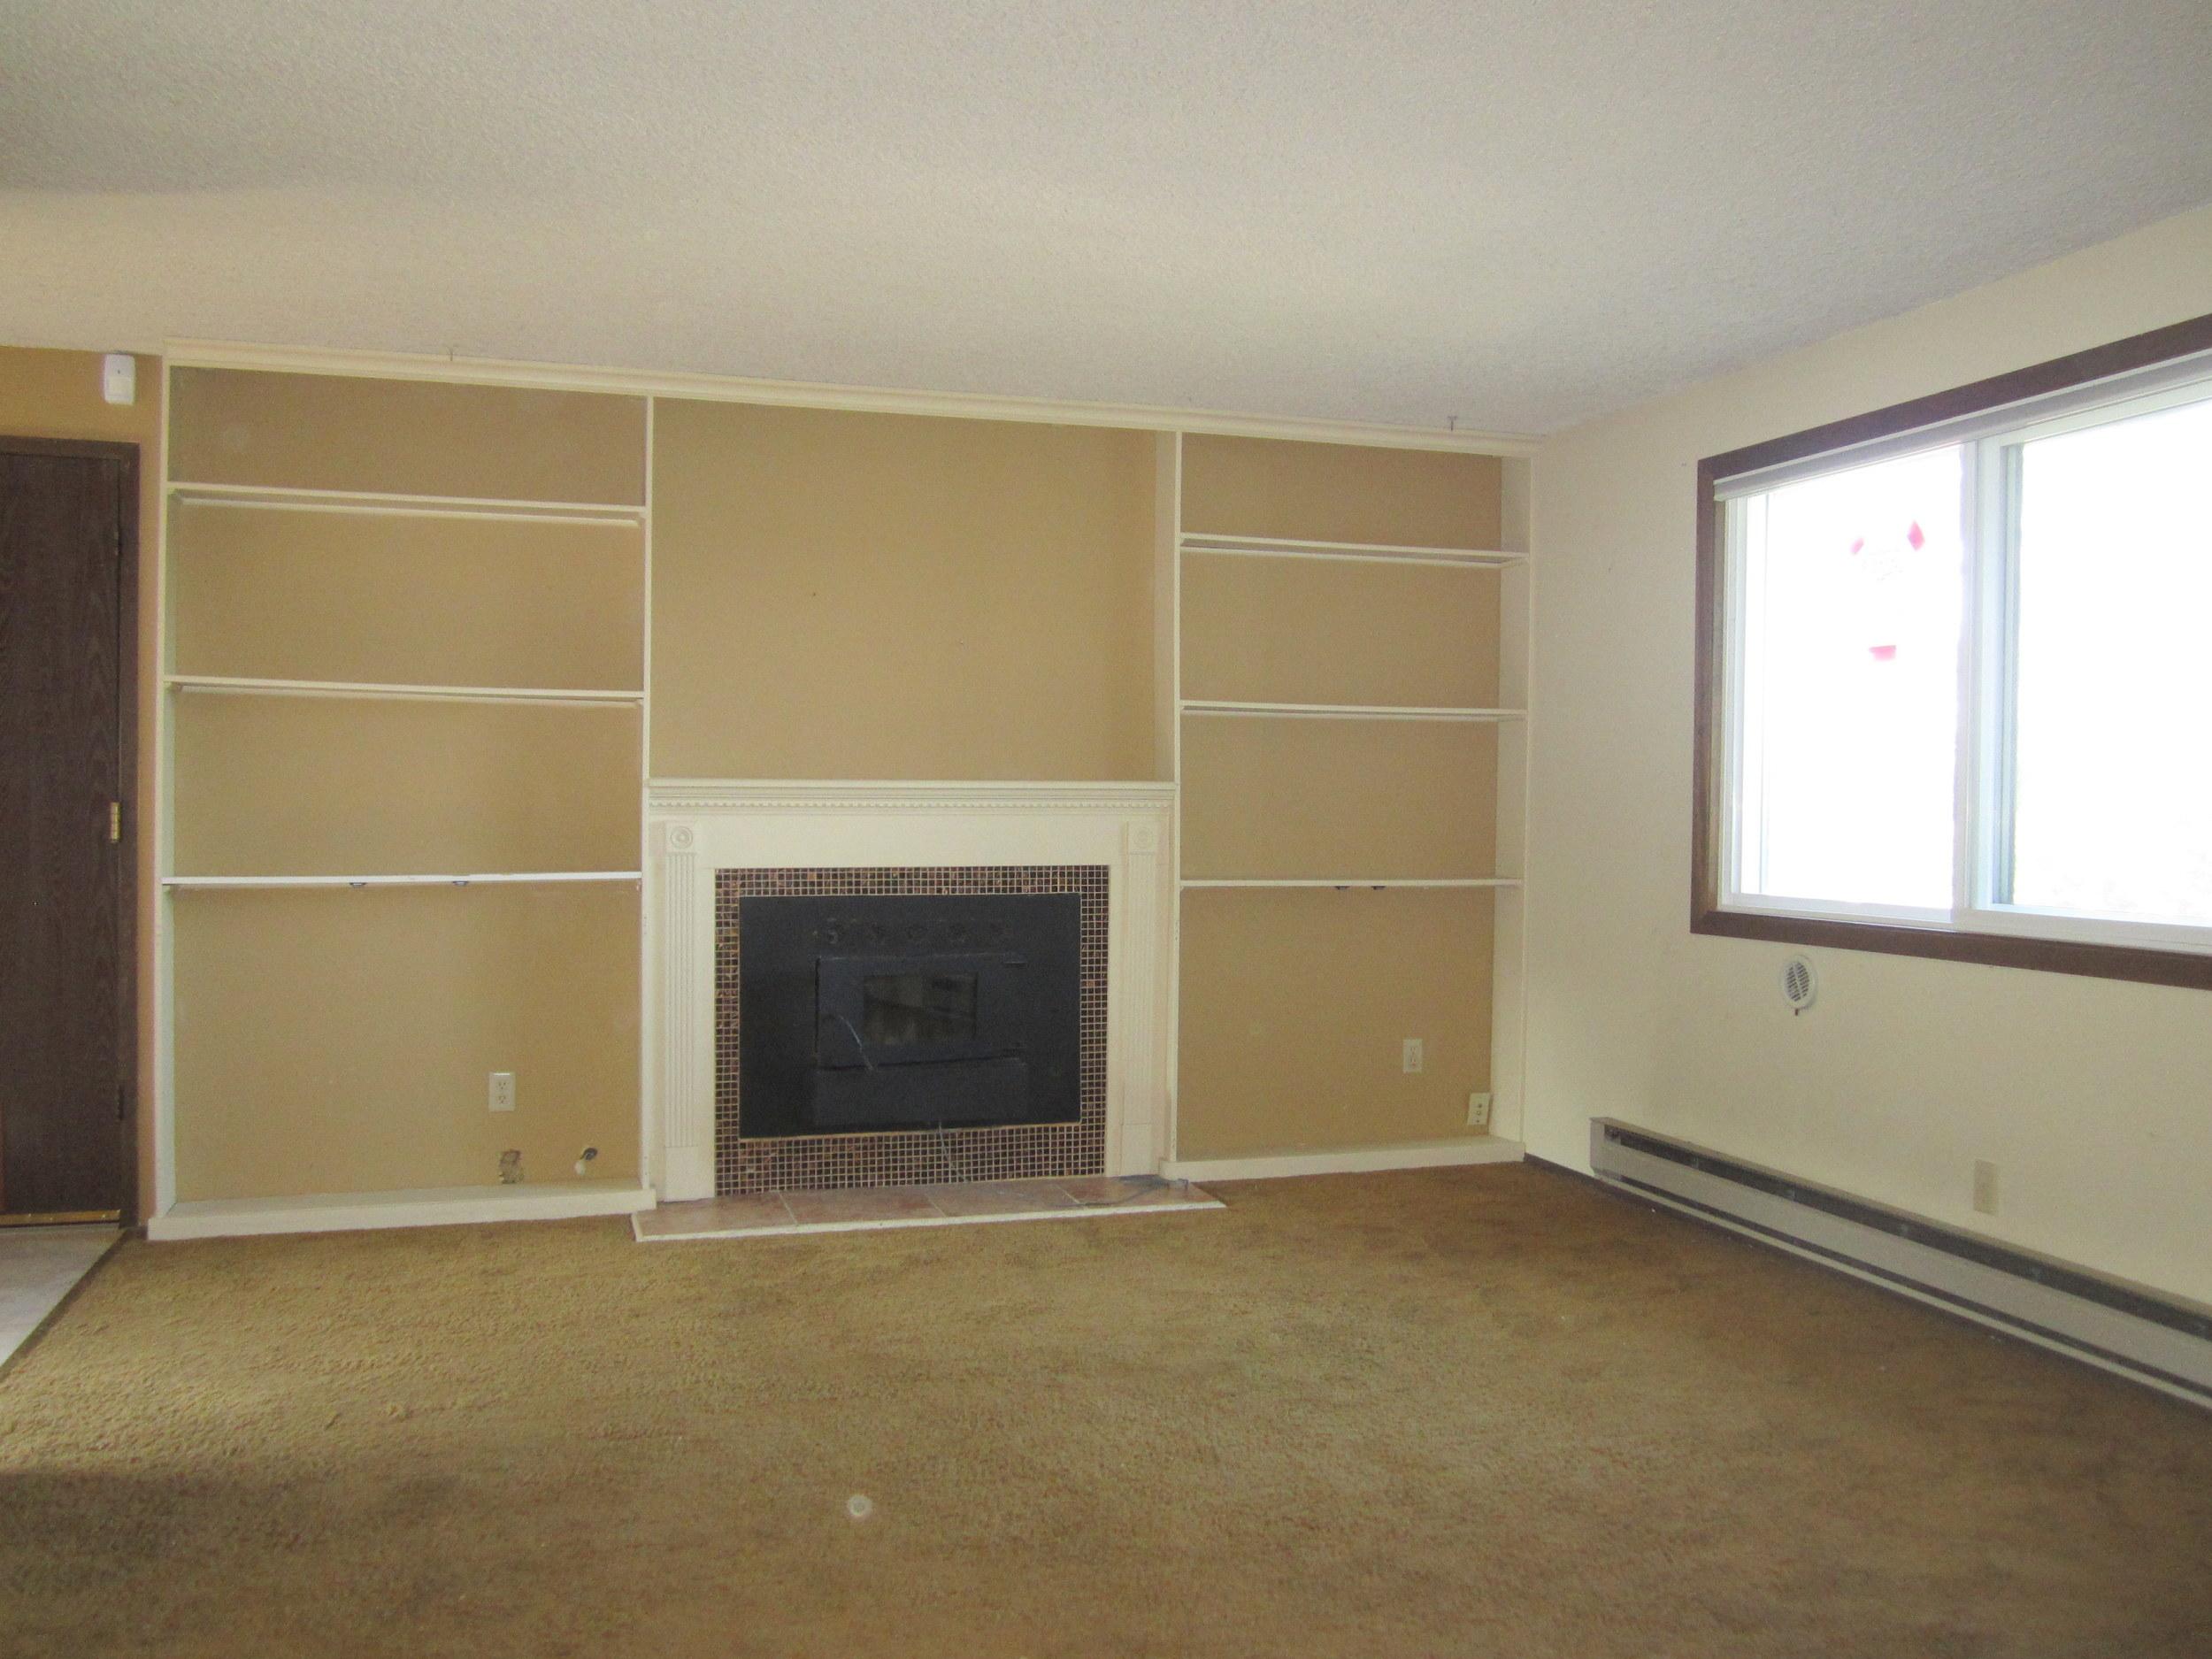 561-876035 - Living Room 1.JPG